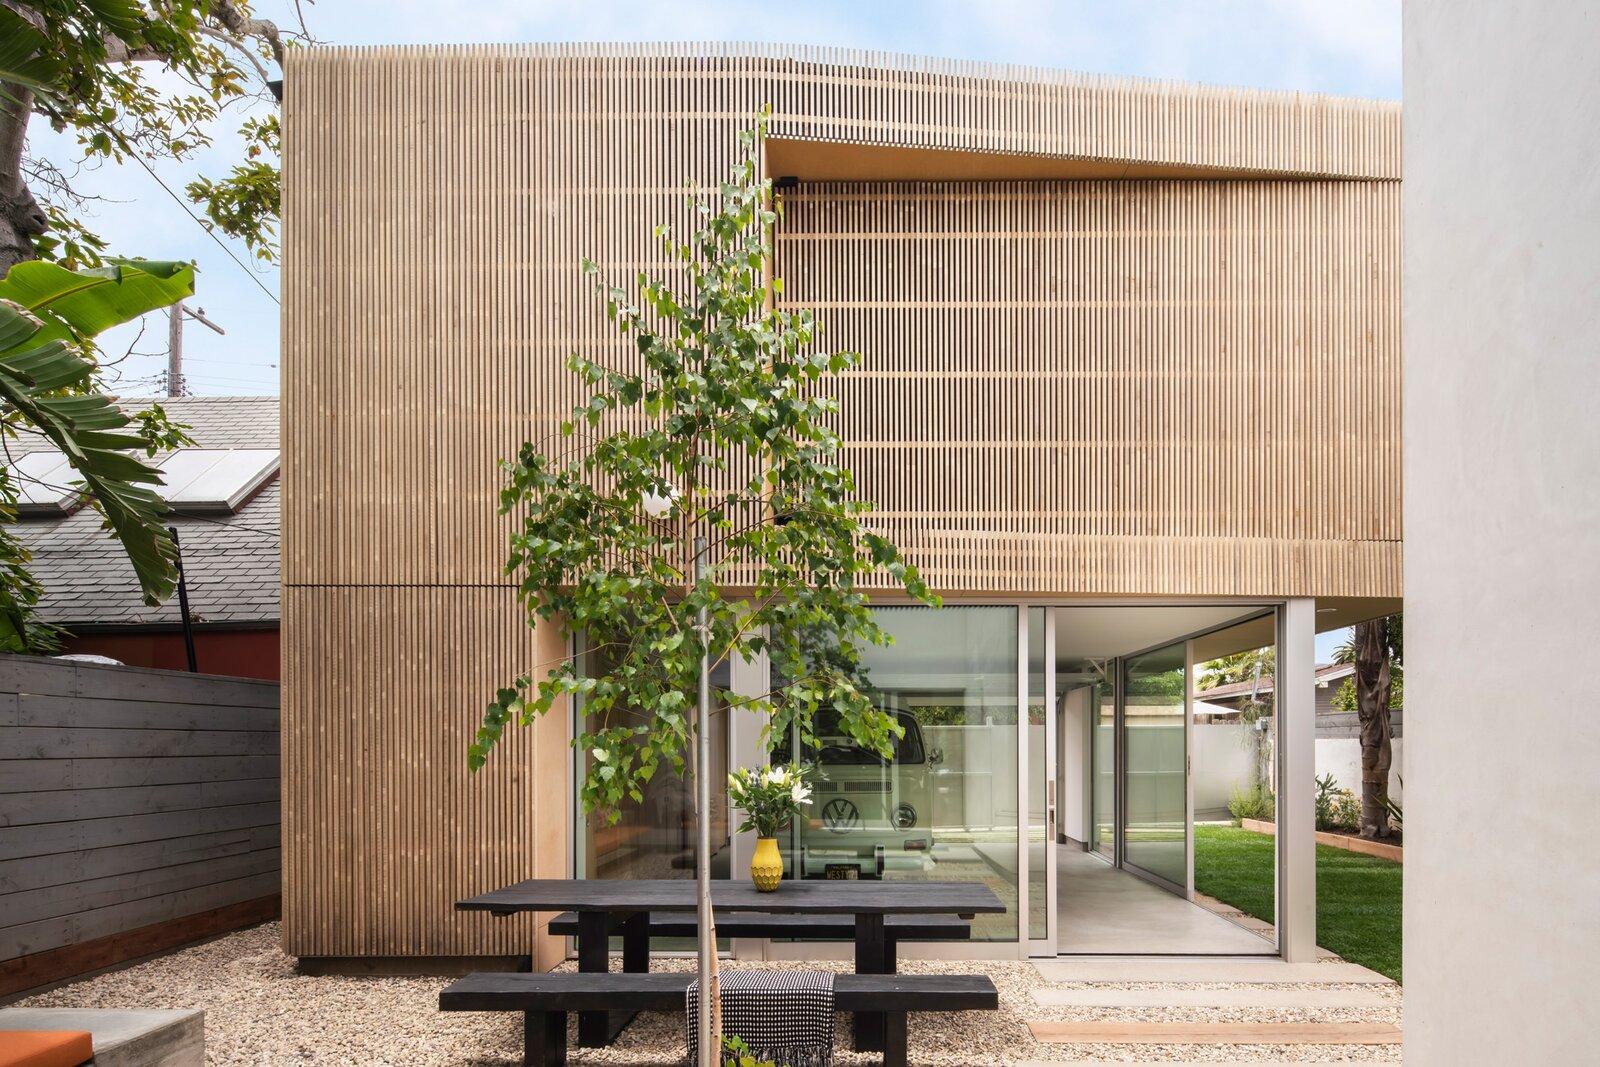 Bau10 Architecture Couer D'Alene exterior